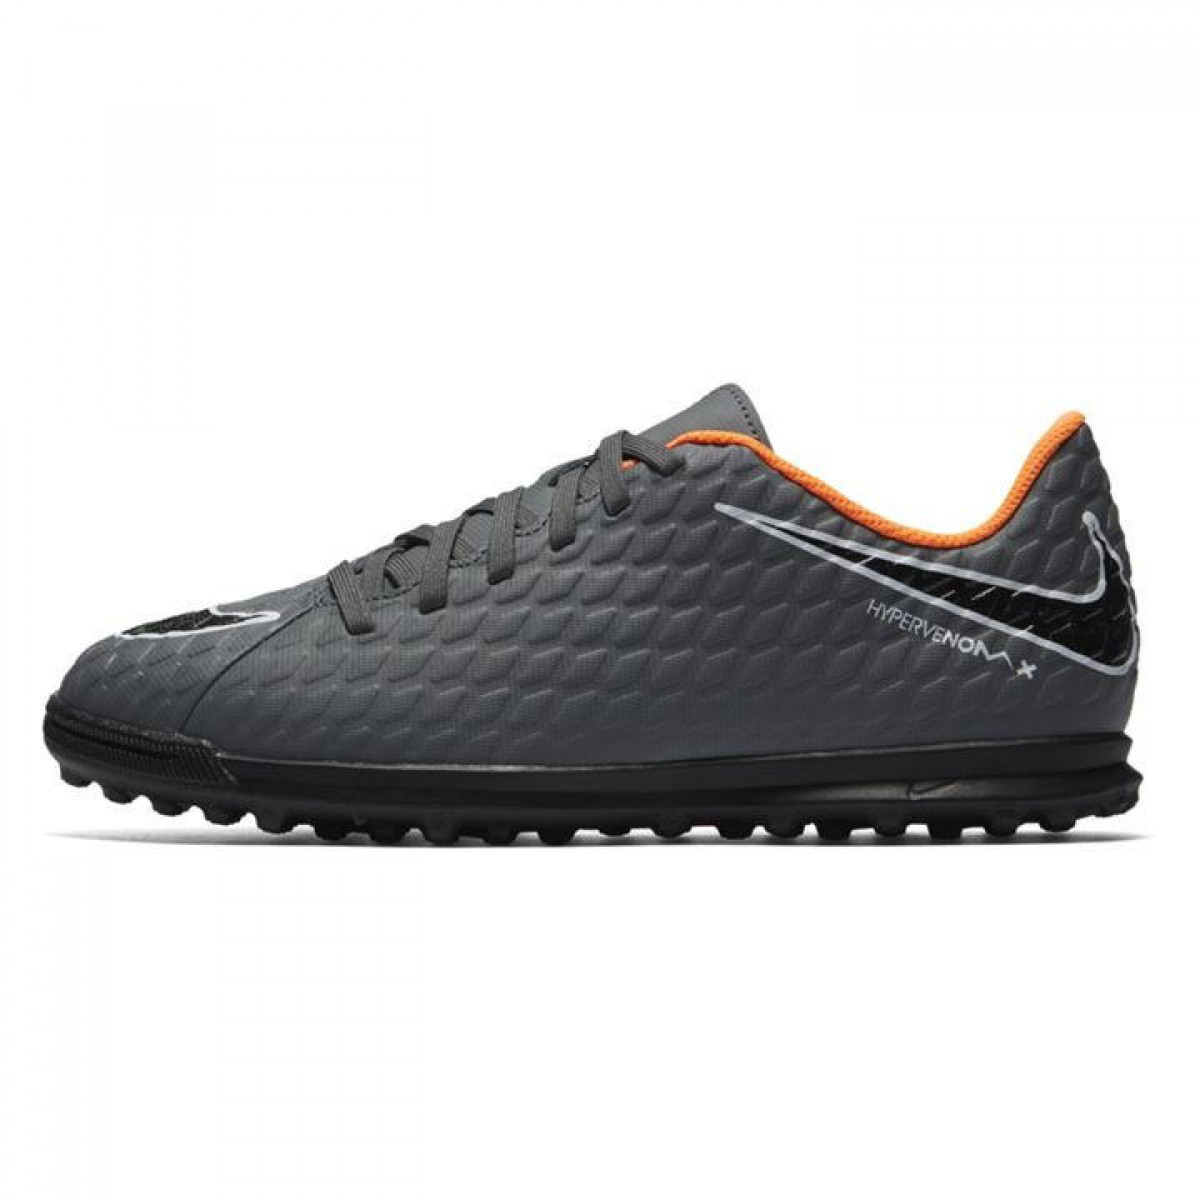 Сороконожки Nike Hypervenom Phantom Club Childrens DkGrey Orange - Оригинал  - FAIR - оригинальная одежда 0d5e08cb6cb